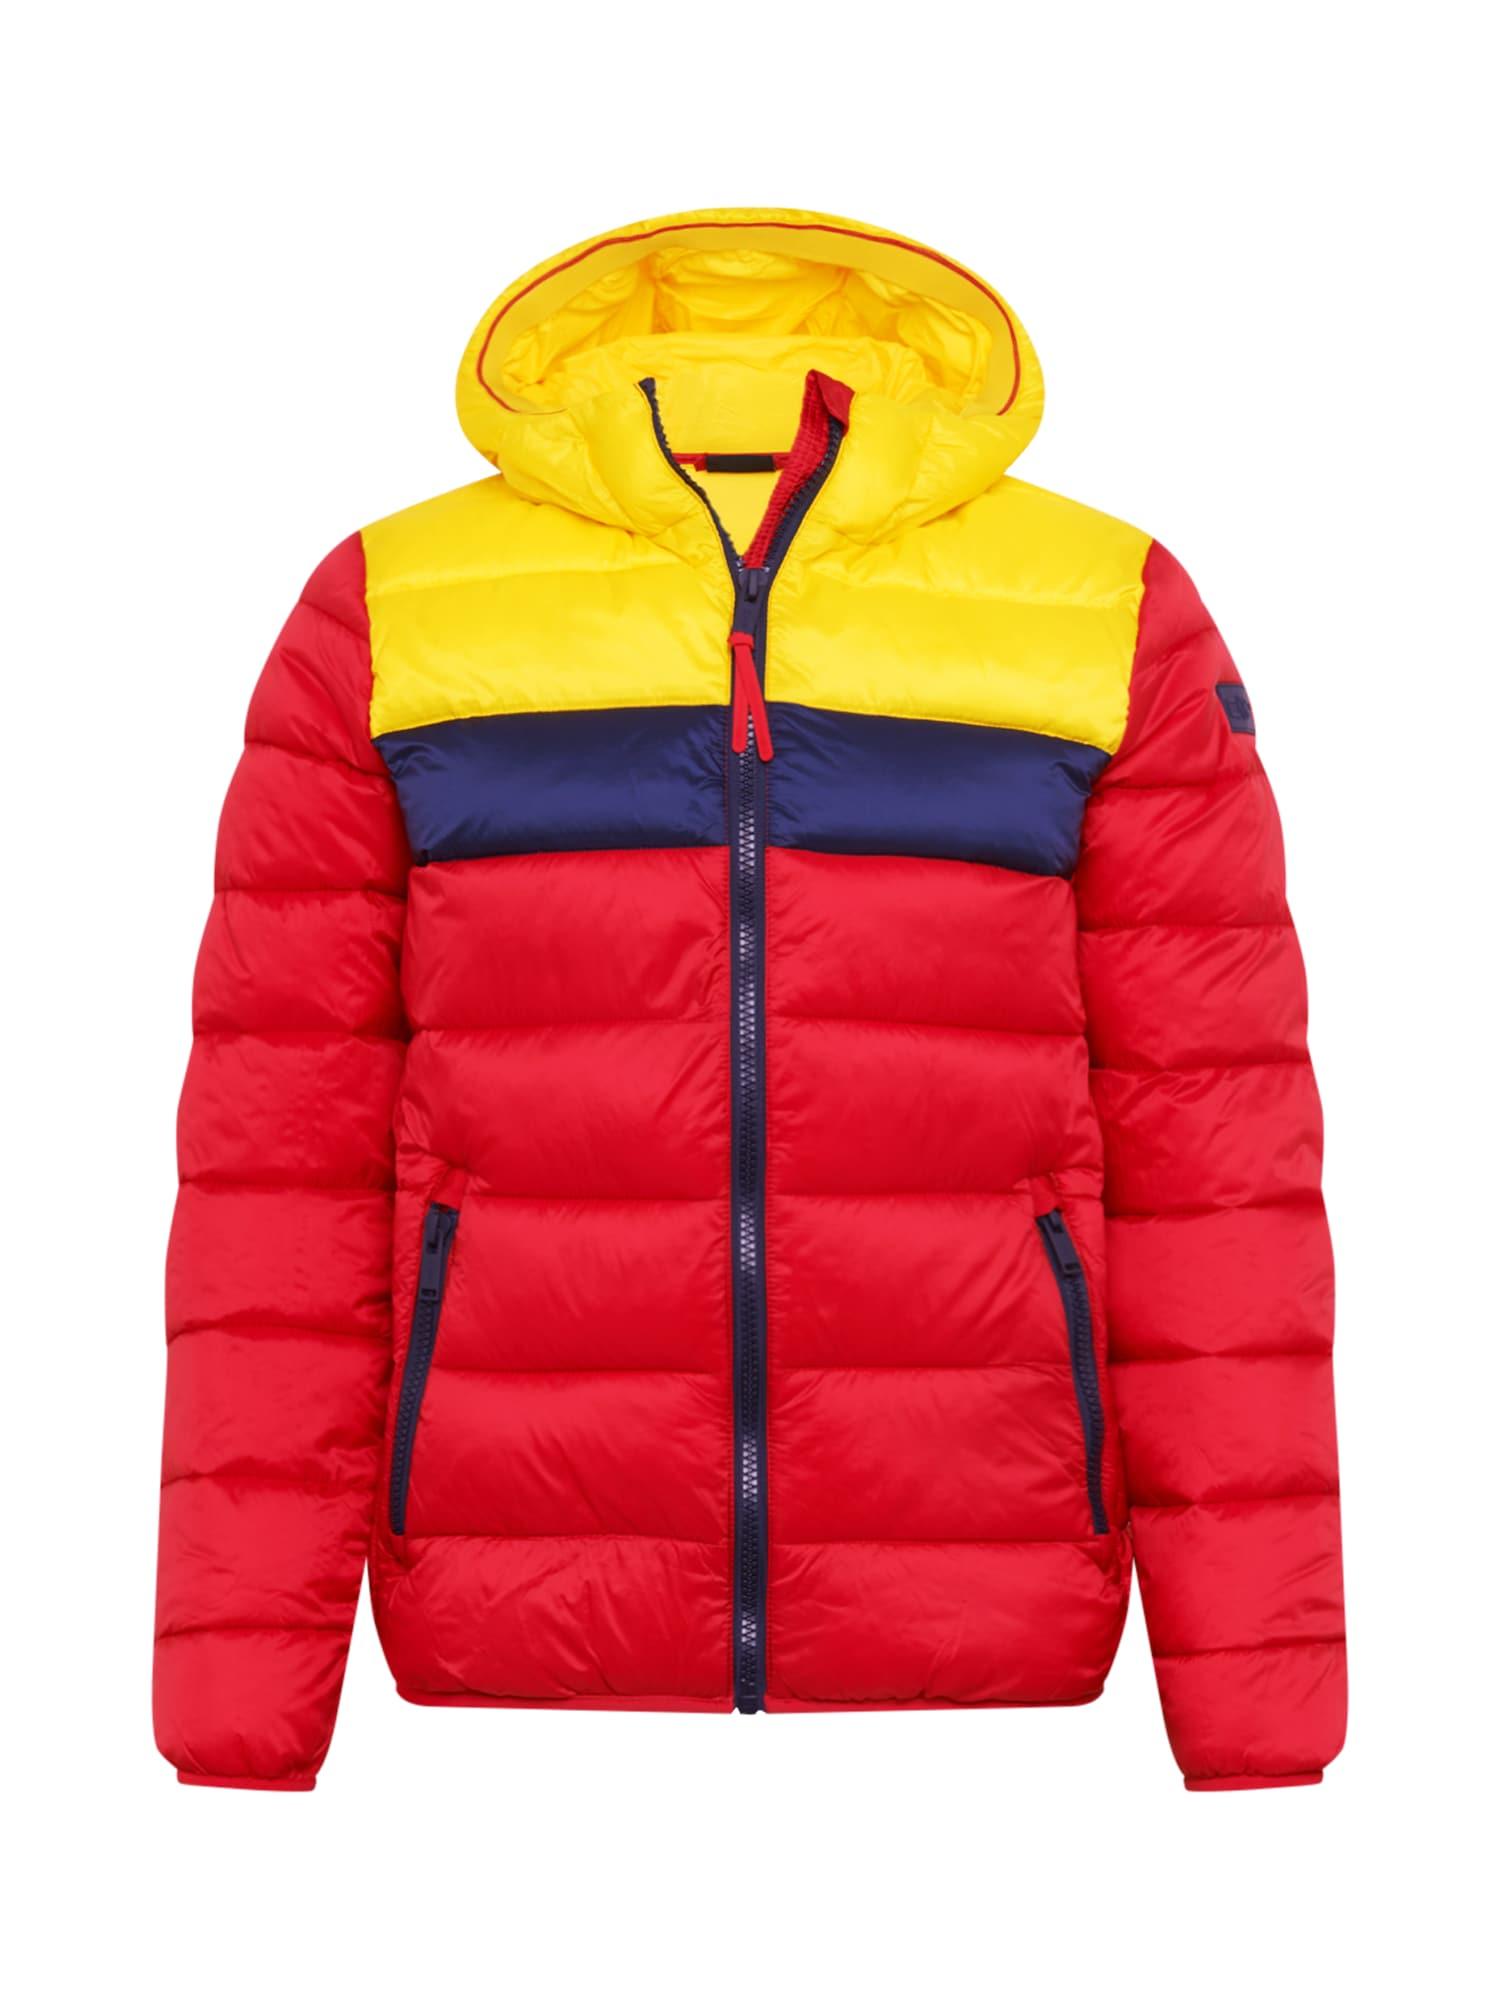 CMP Laisvalaikio striukė raudona / geltona / tamsiai mėlyna